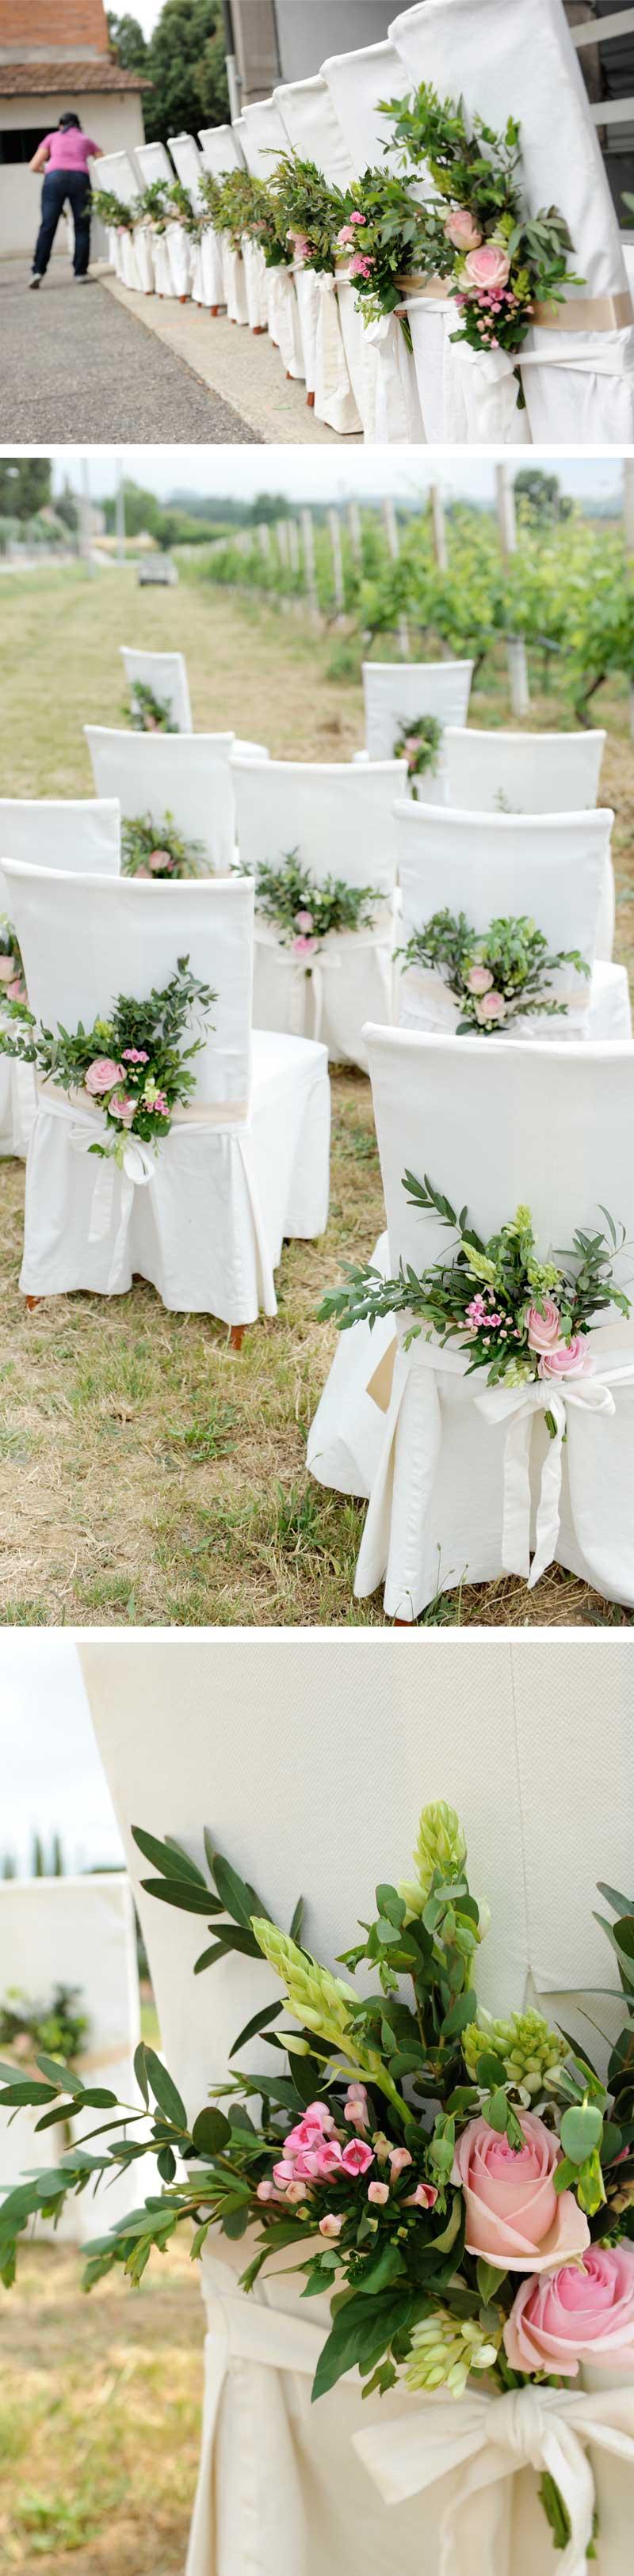 Matrimonio country tema vino: Bouquettes di roselline rosa per le sedie